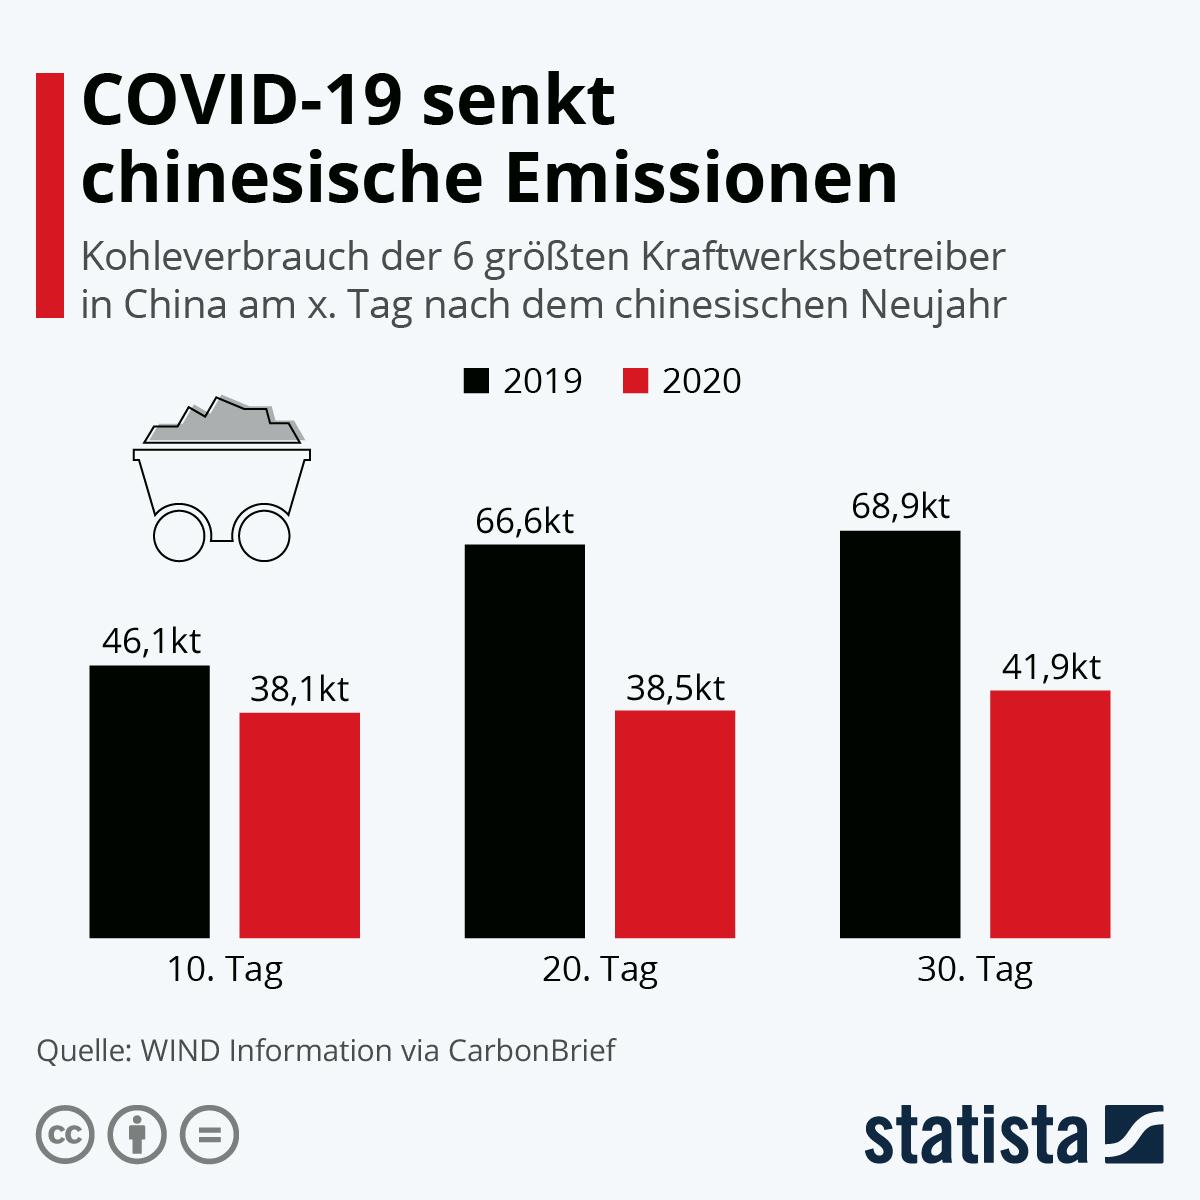 COVID-19 senkt chinesische CO2-Emissionen | Statista